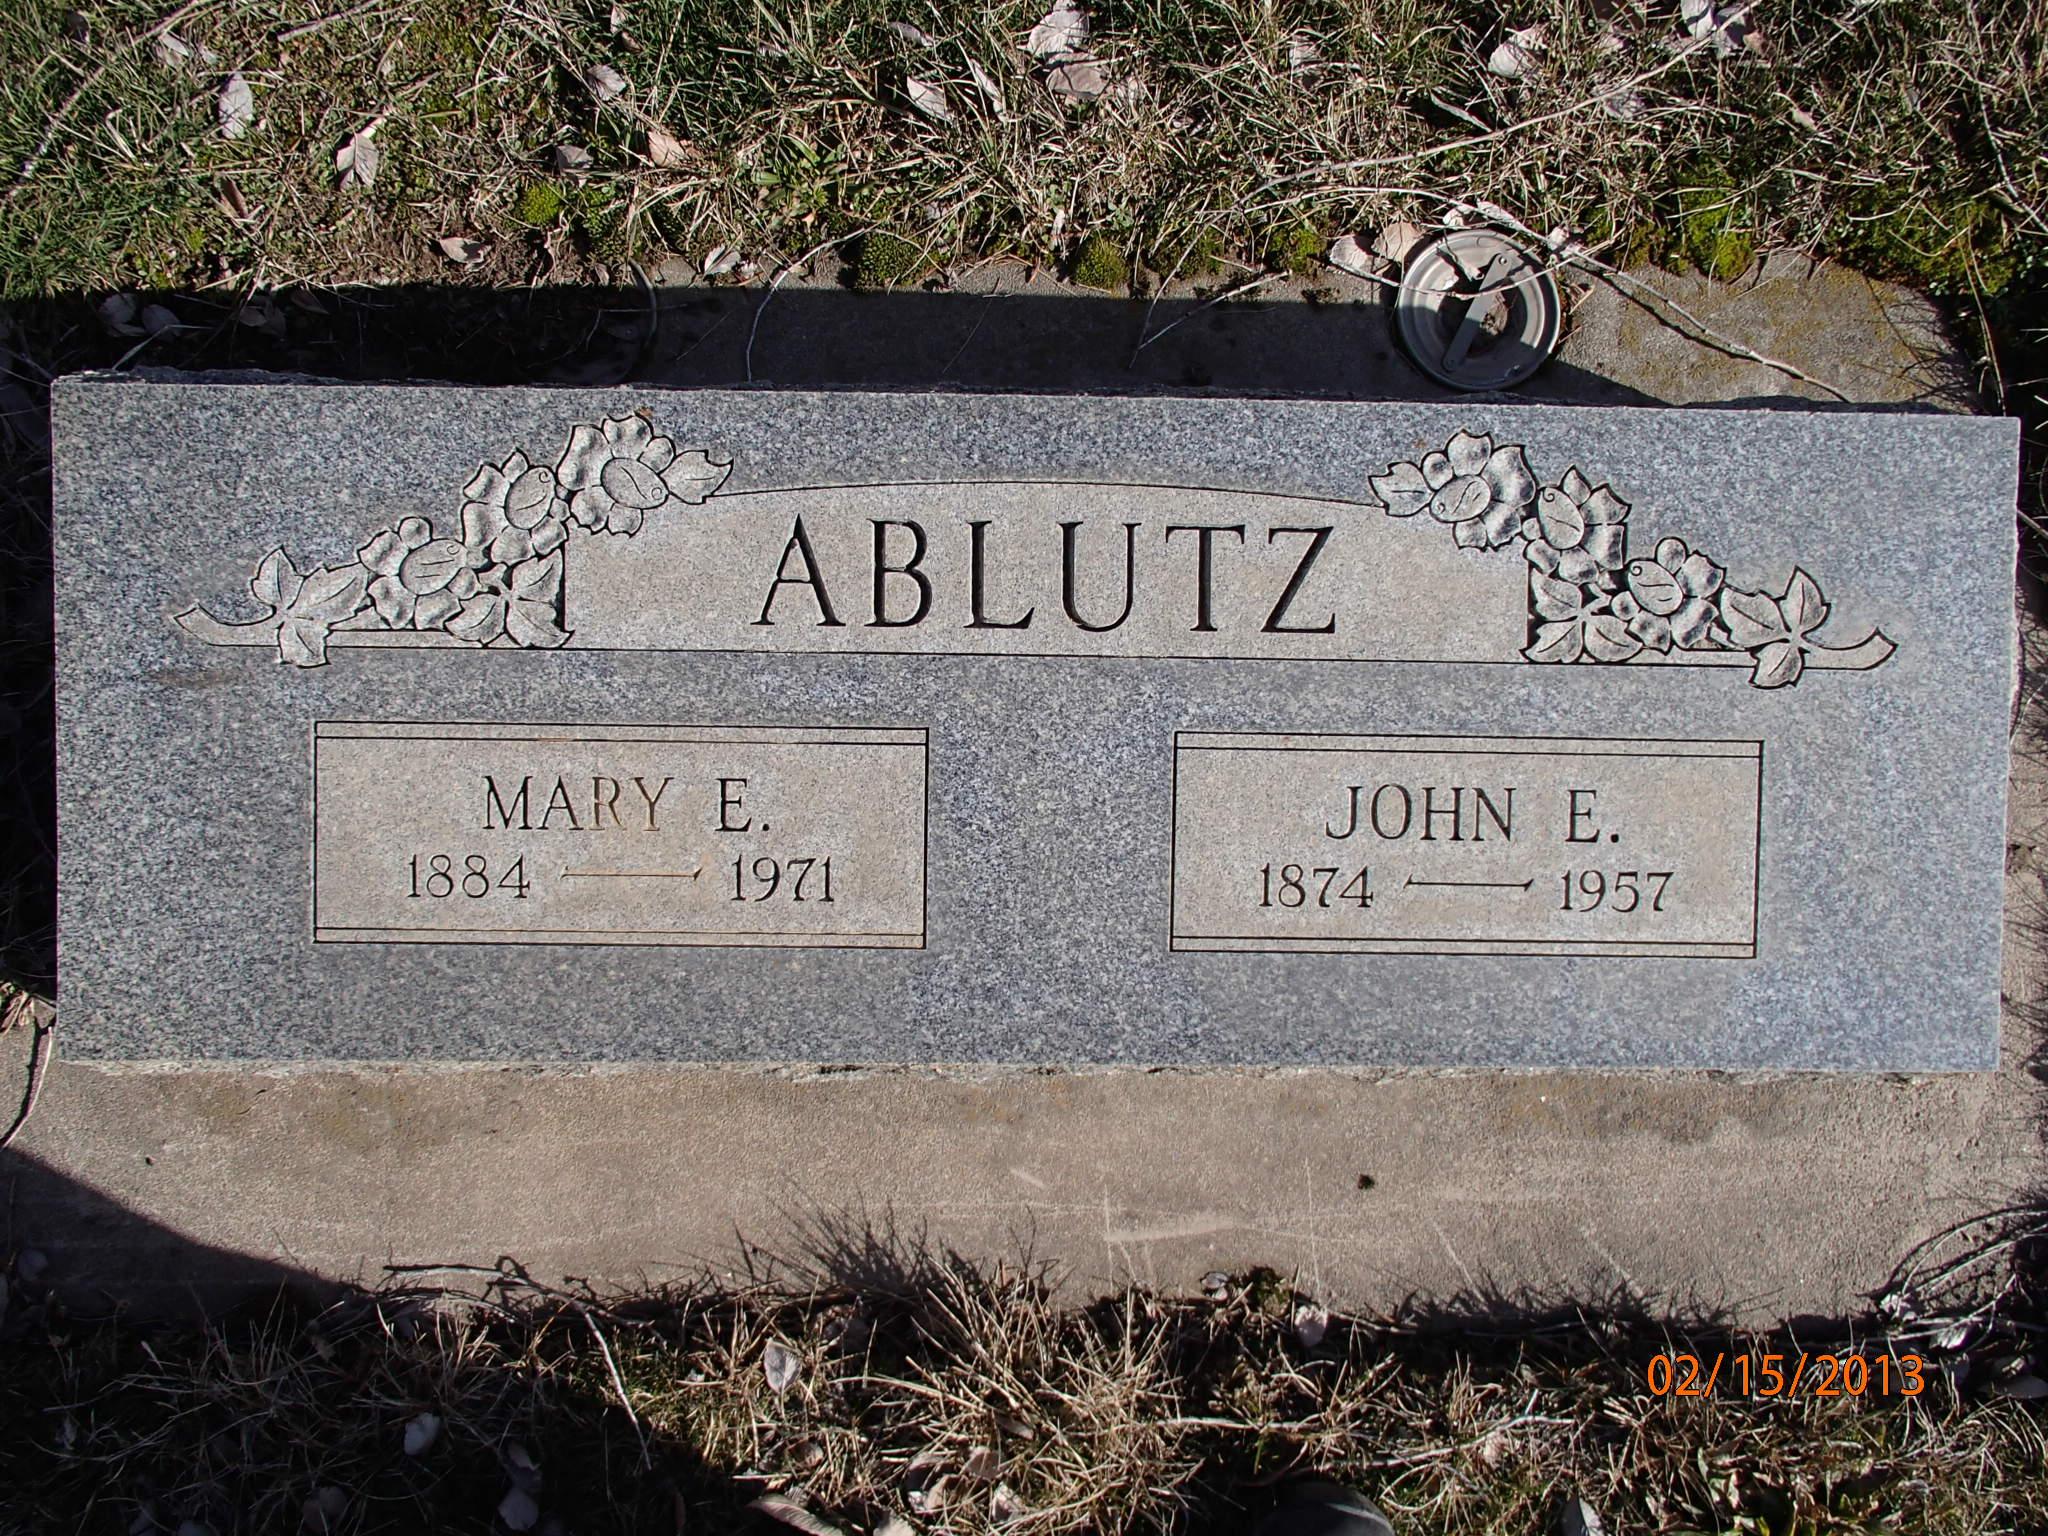 John Ervin Ablutz